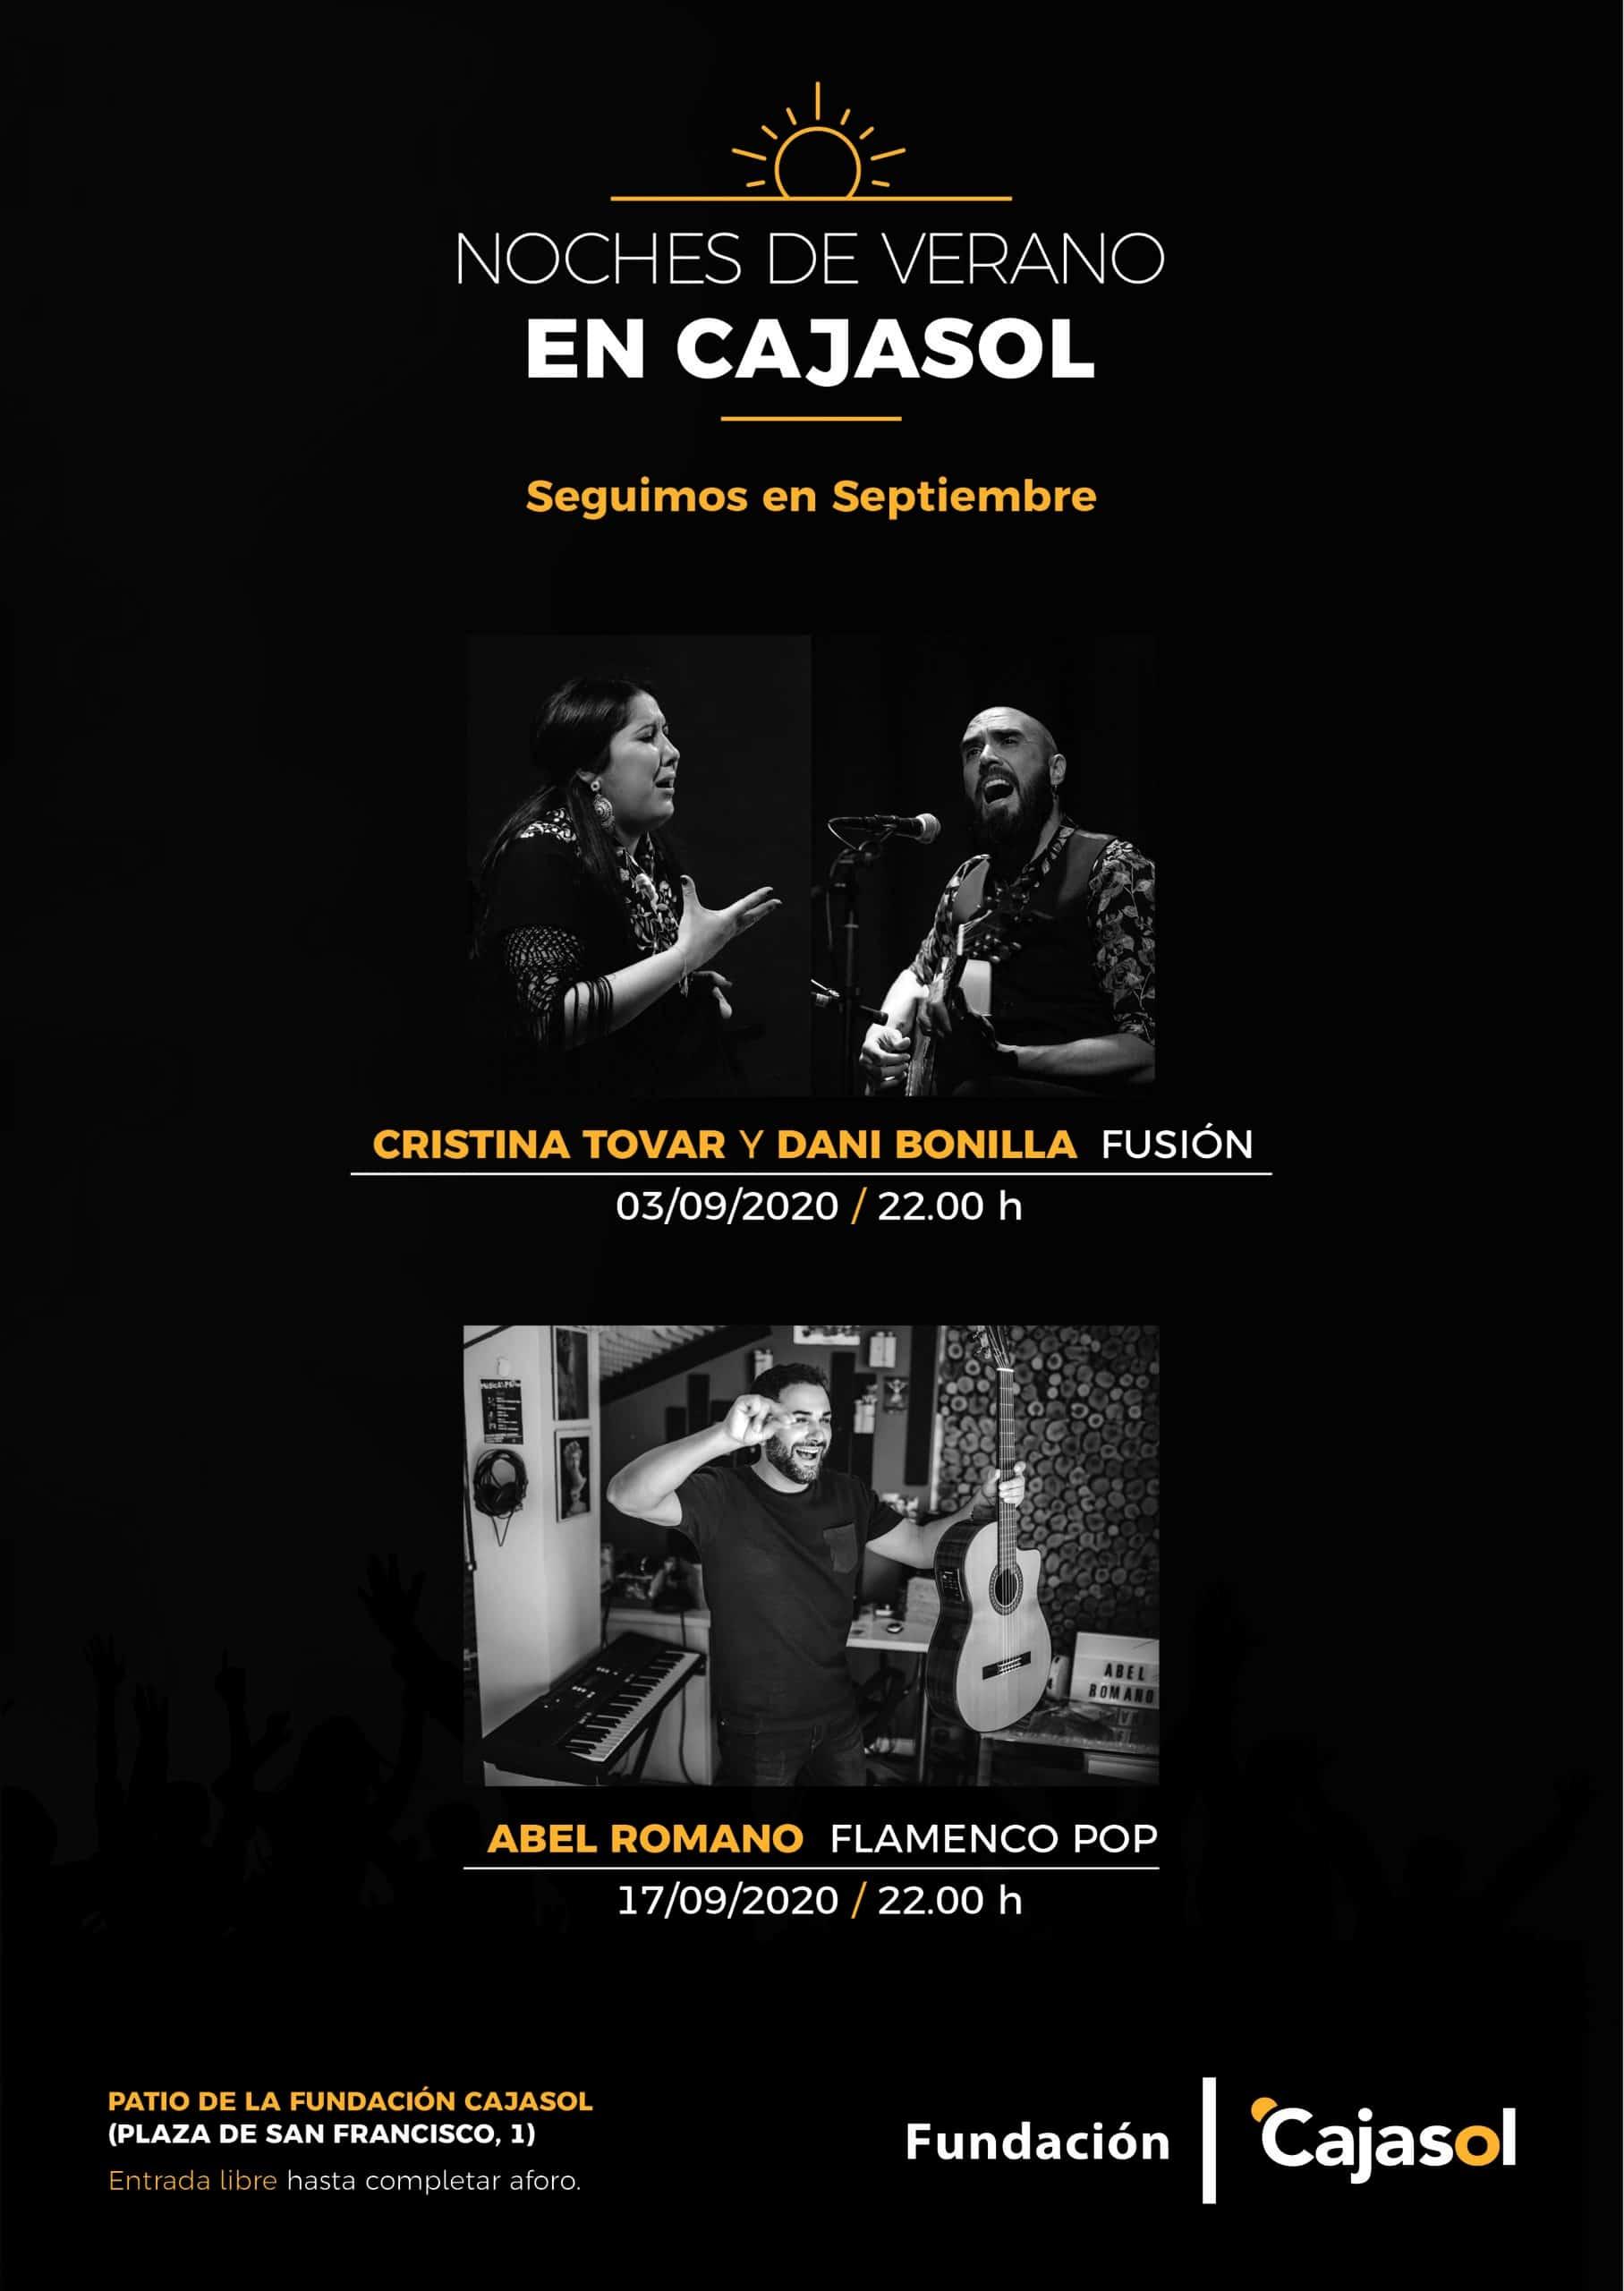 Cartel de las Noches de Verano Cajasol en Sevilla durante el mes de septiembre 2020